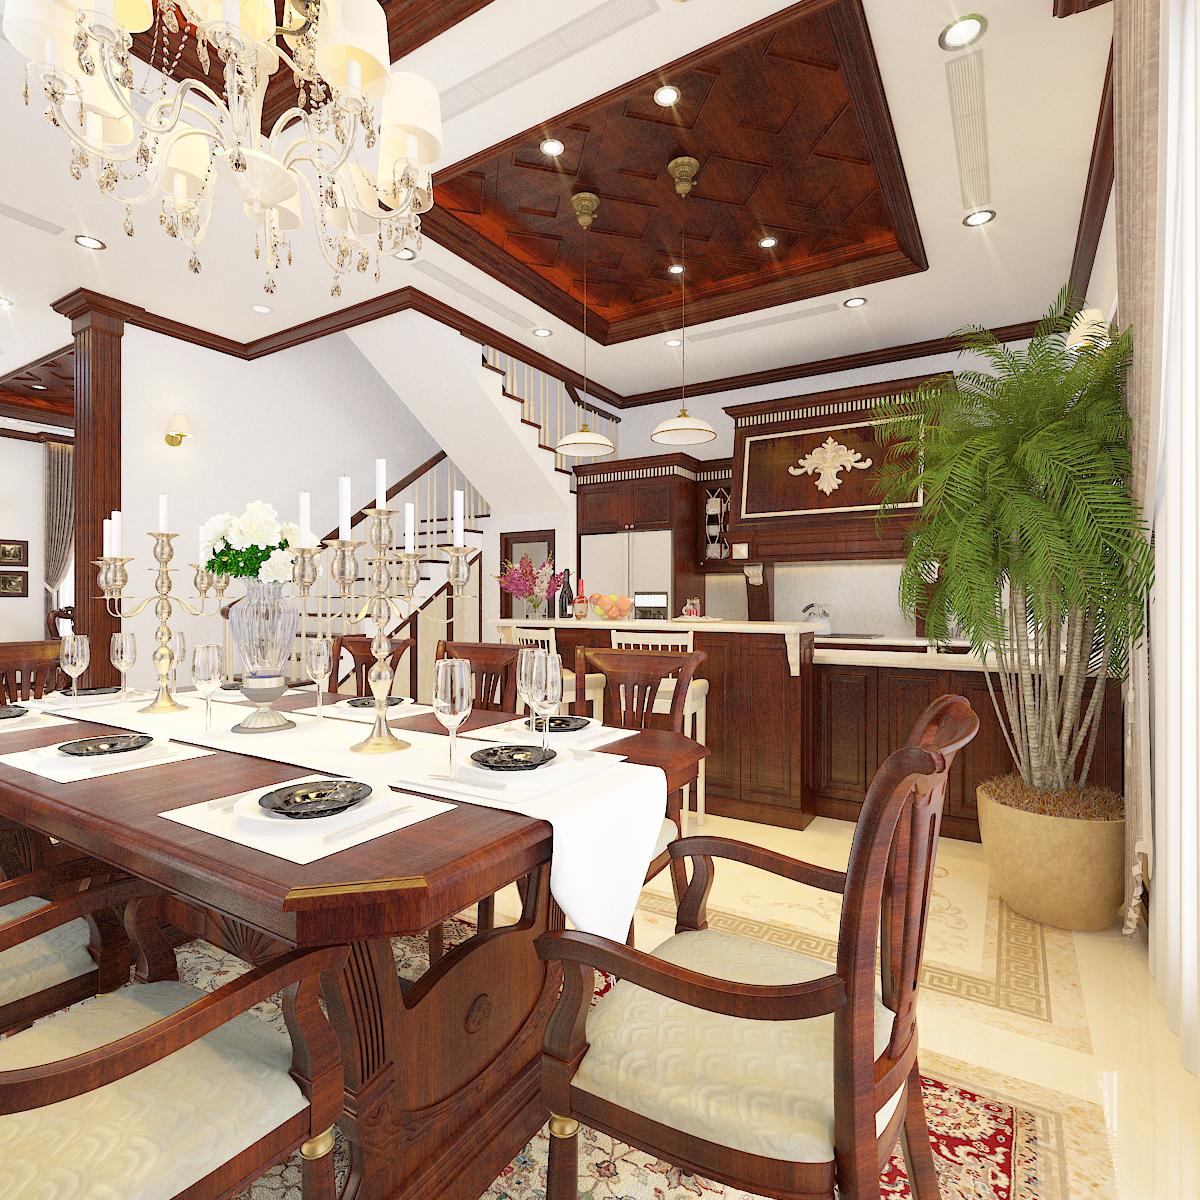 thiết kế nội thất Biệt Thự tại Hà Nội bt Vinhomes - riverside 21 1568276269